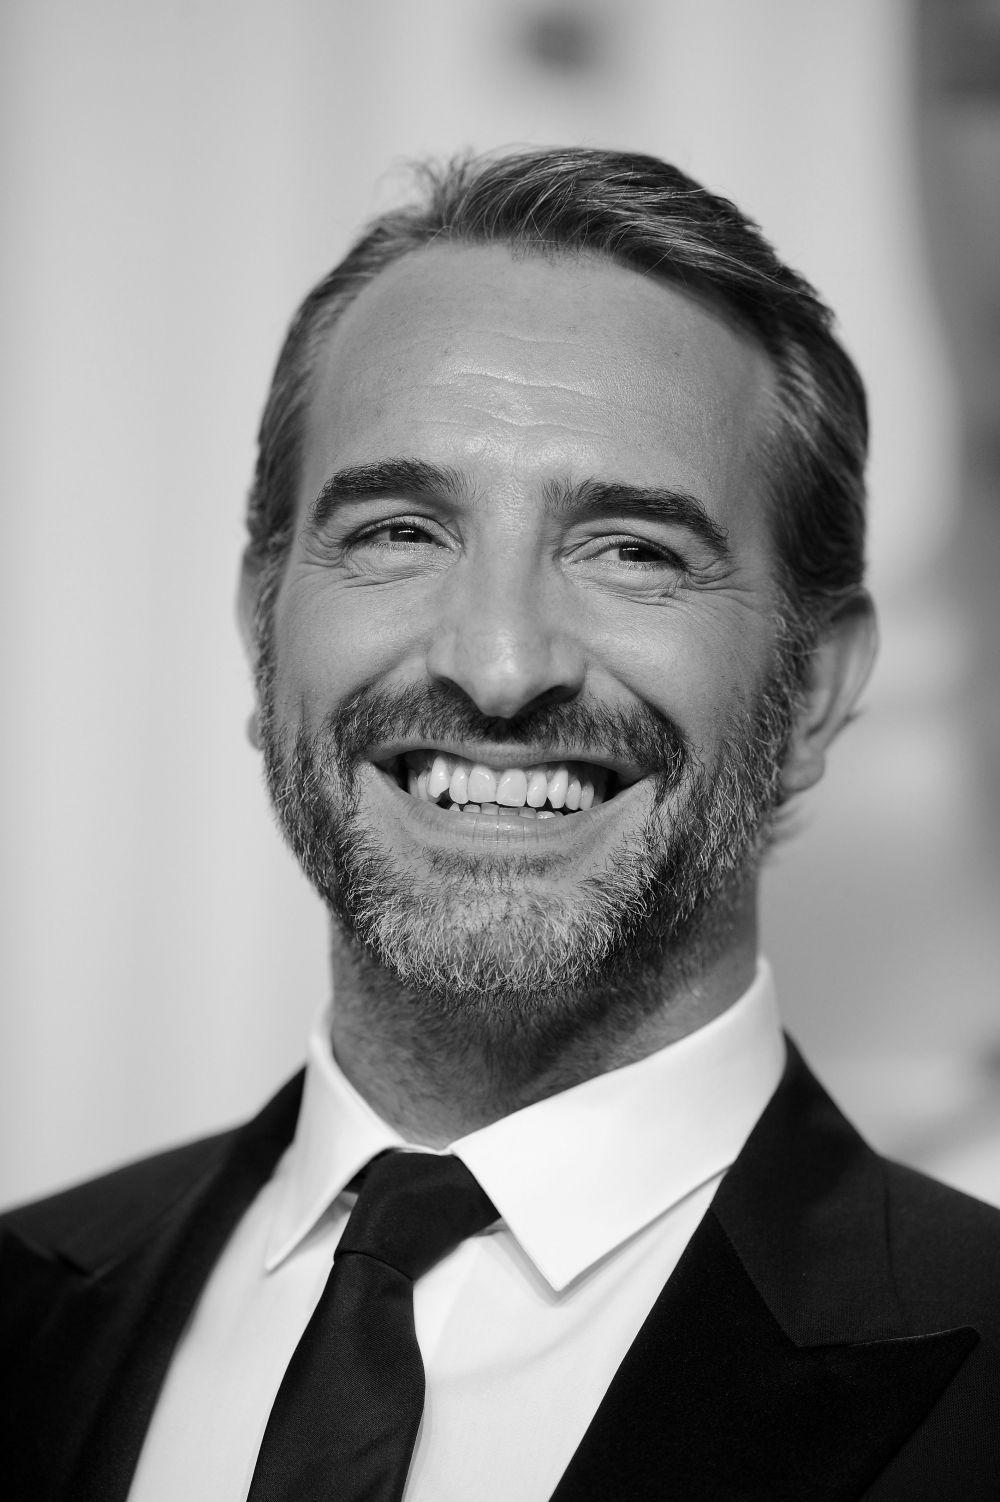 Jean dujardin a handsome guy pinterest jean dujardin for Dujardin kelly